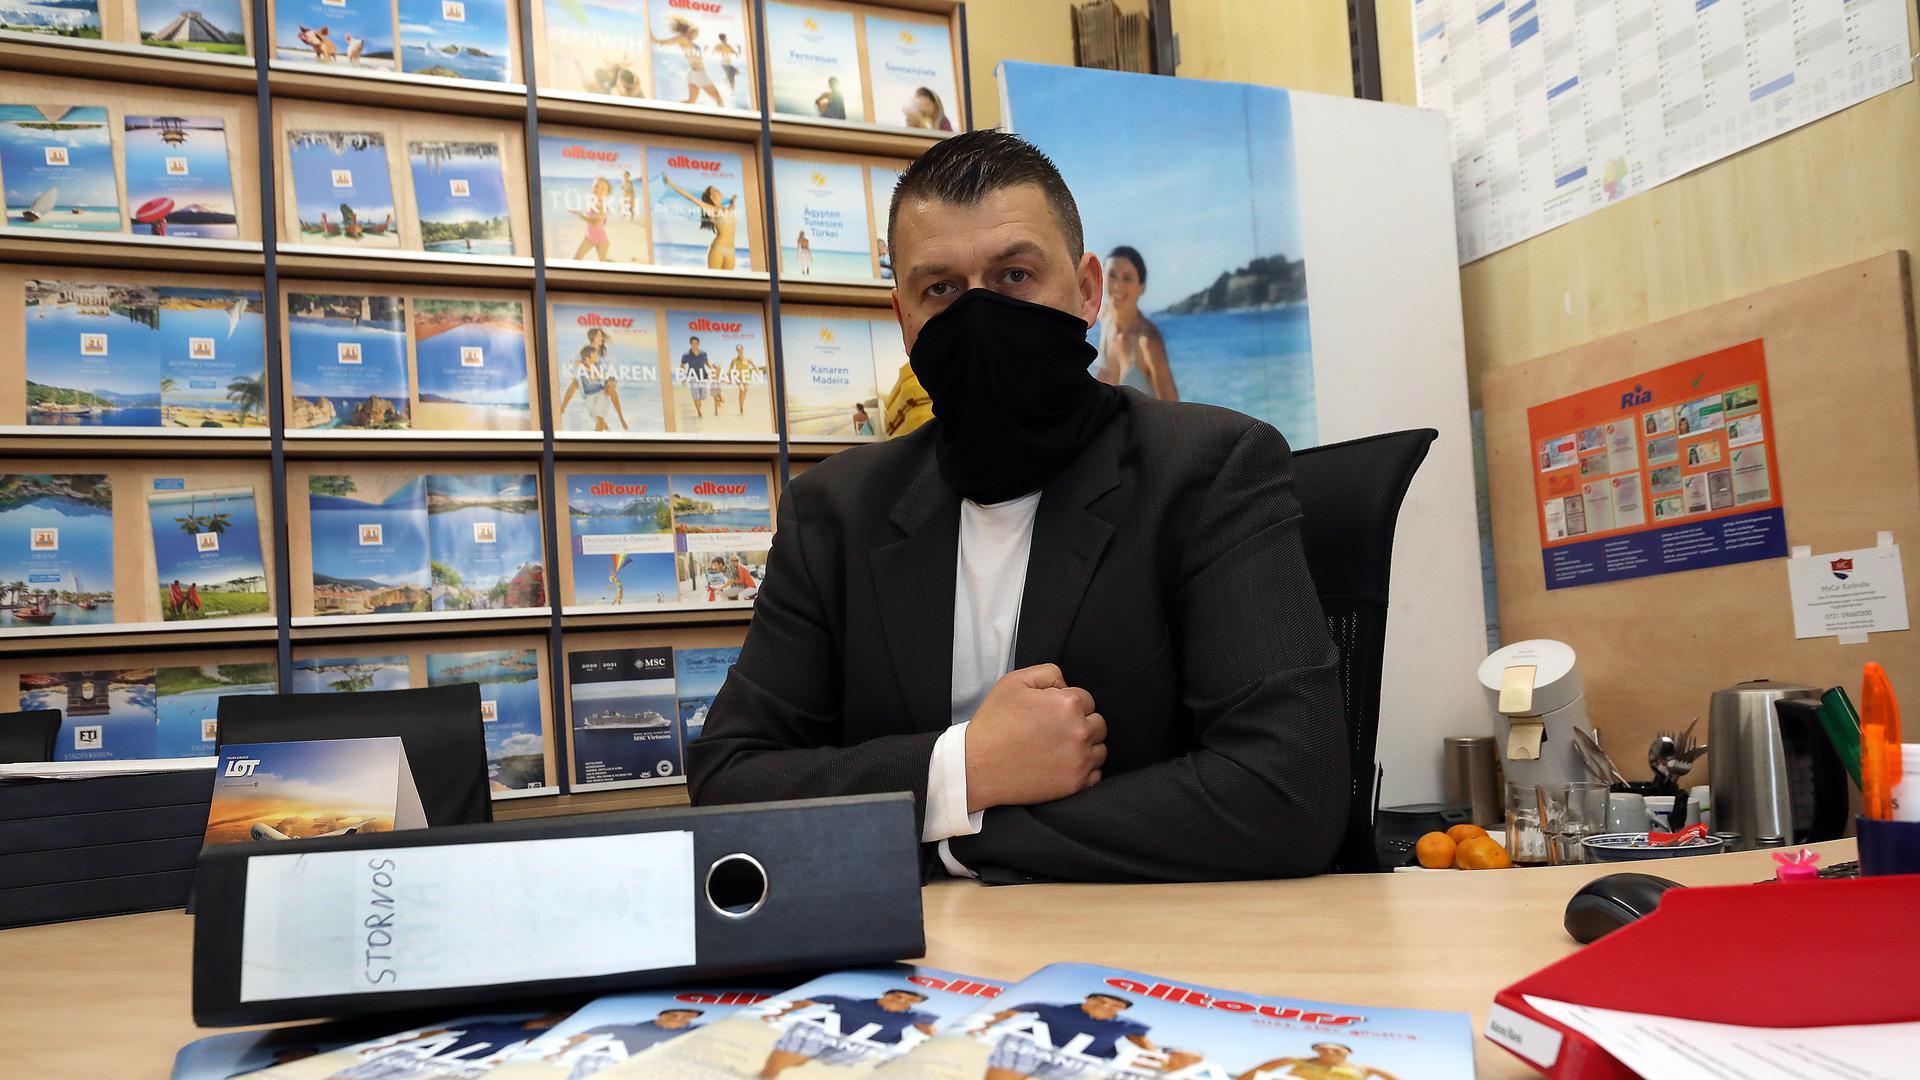 Reisebüro-Inhaber Andreas Döring an seinem Schreibtisch vor einem Ordner mit Stornierungen